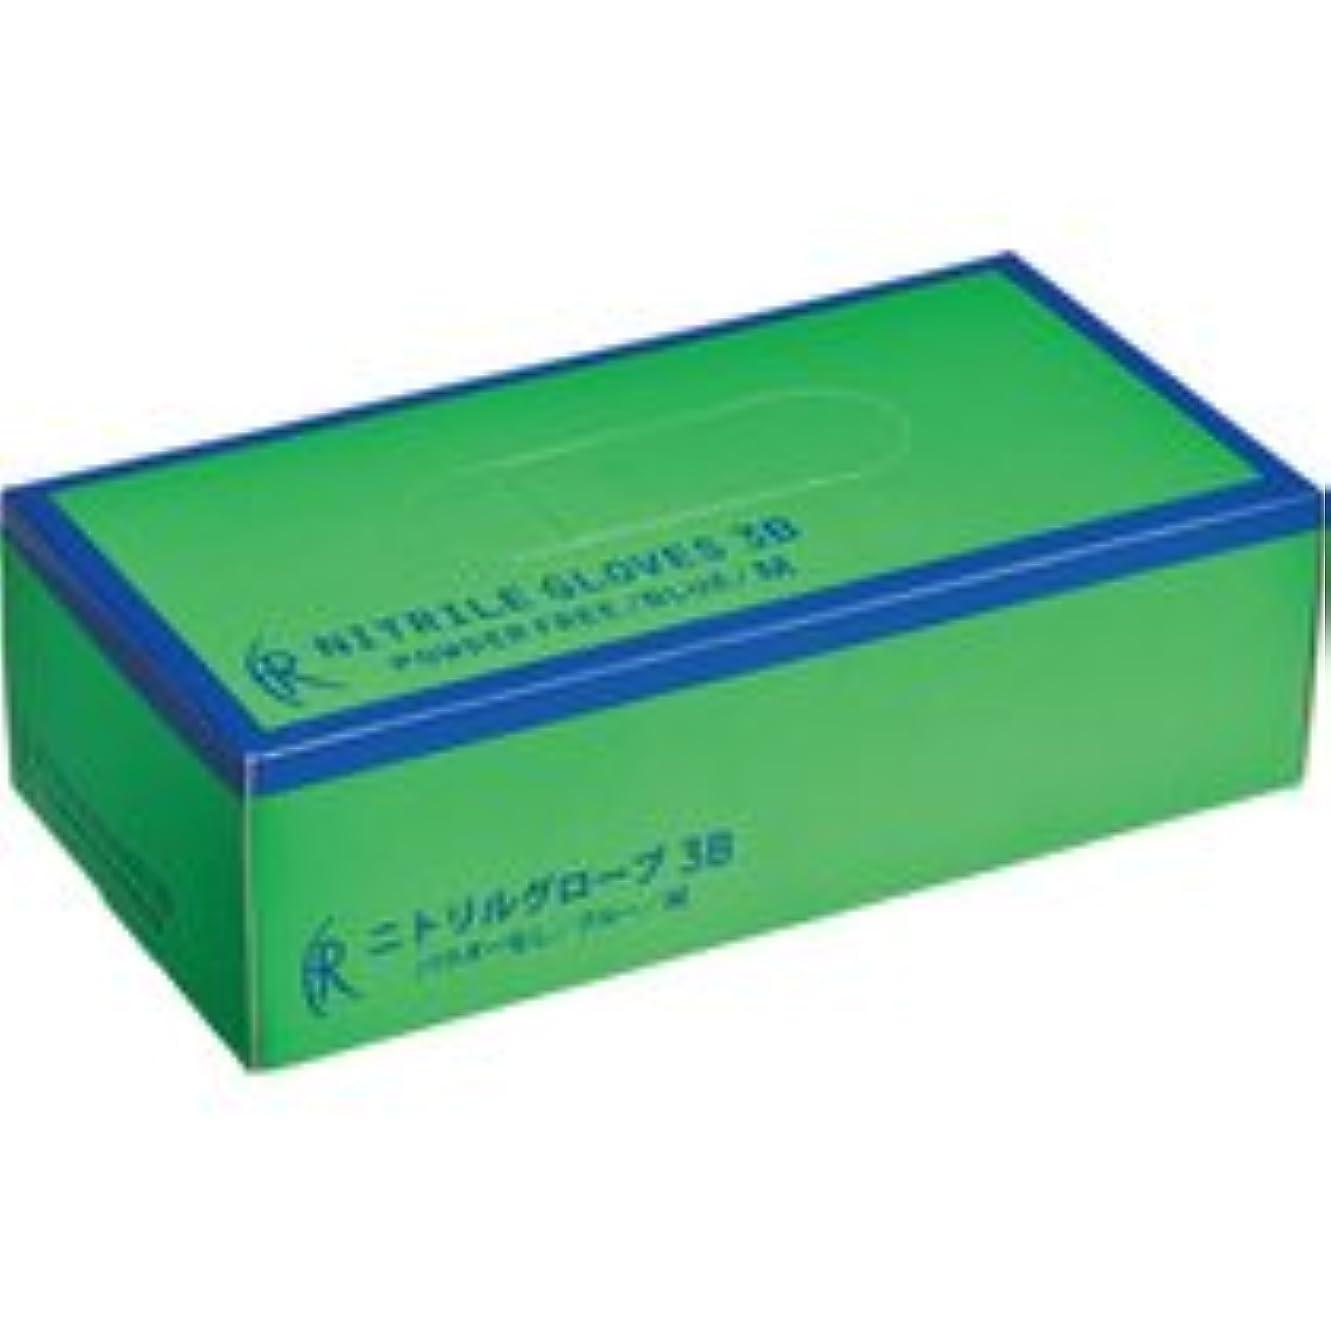 ランダム舌なプラカードファーストレイト ニトリルグローブ3B パウダーフリー M FR-5662 1セット(2000枚:200枚×10箱)